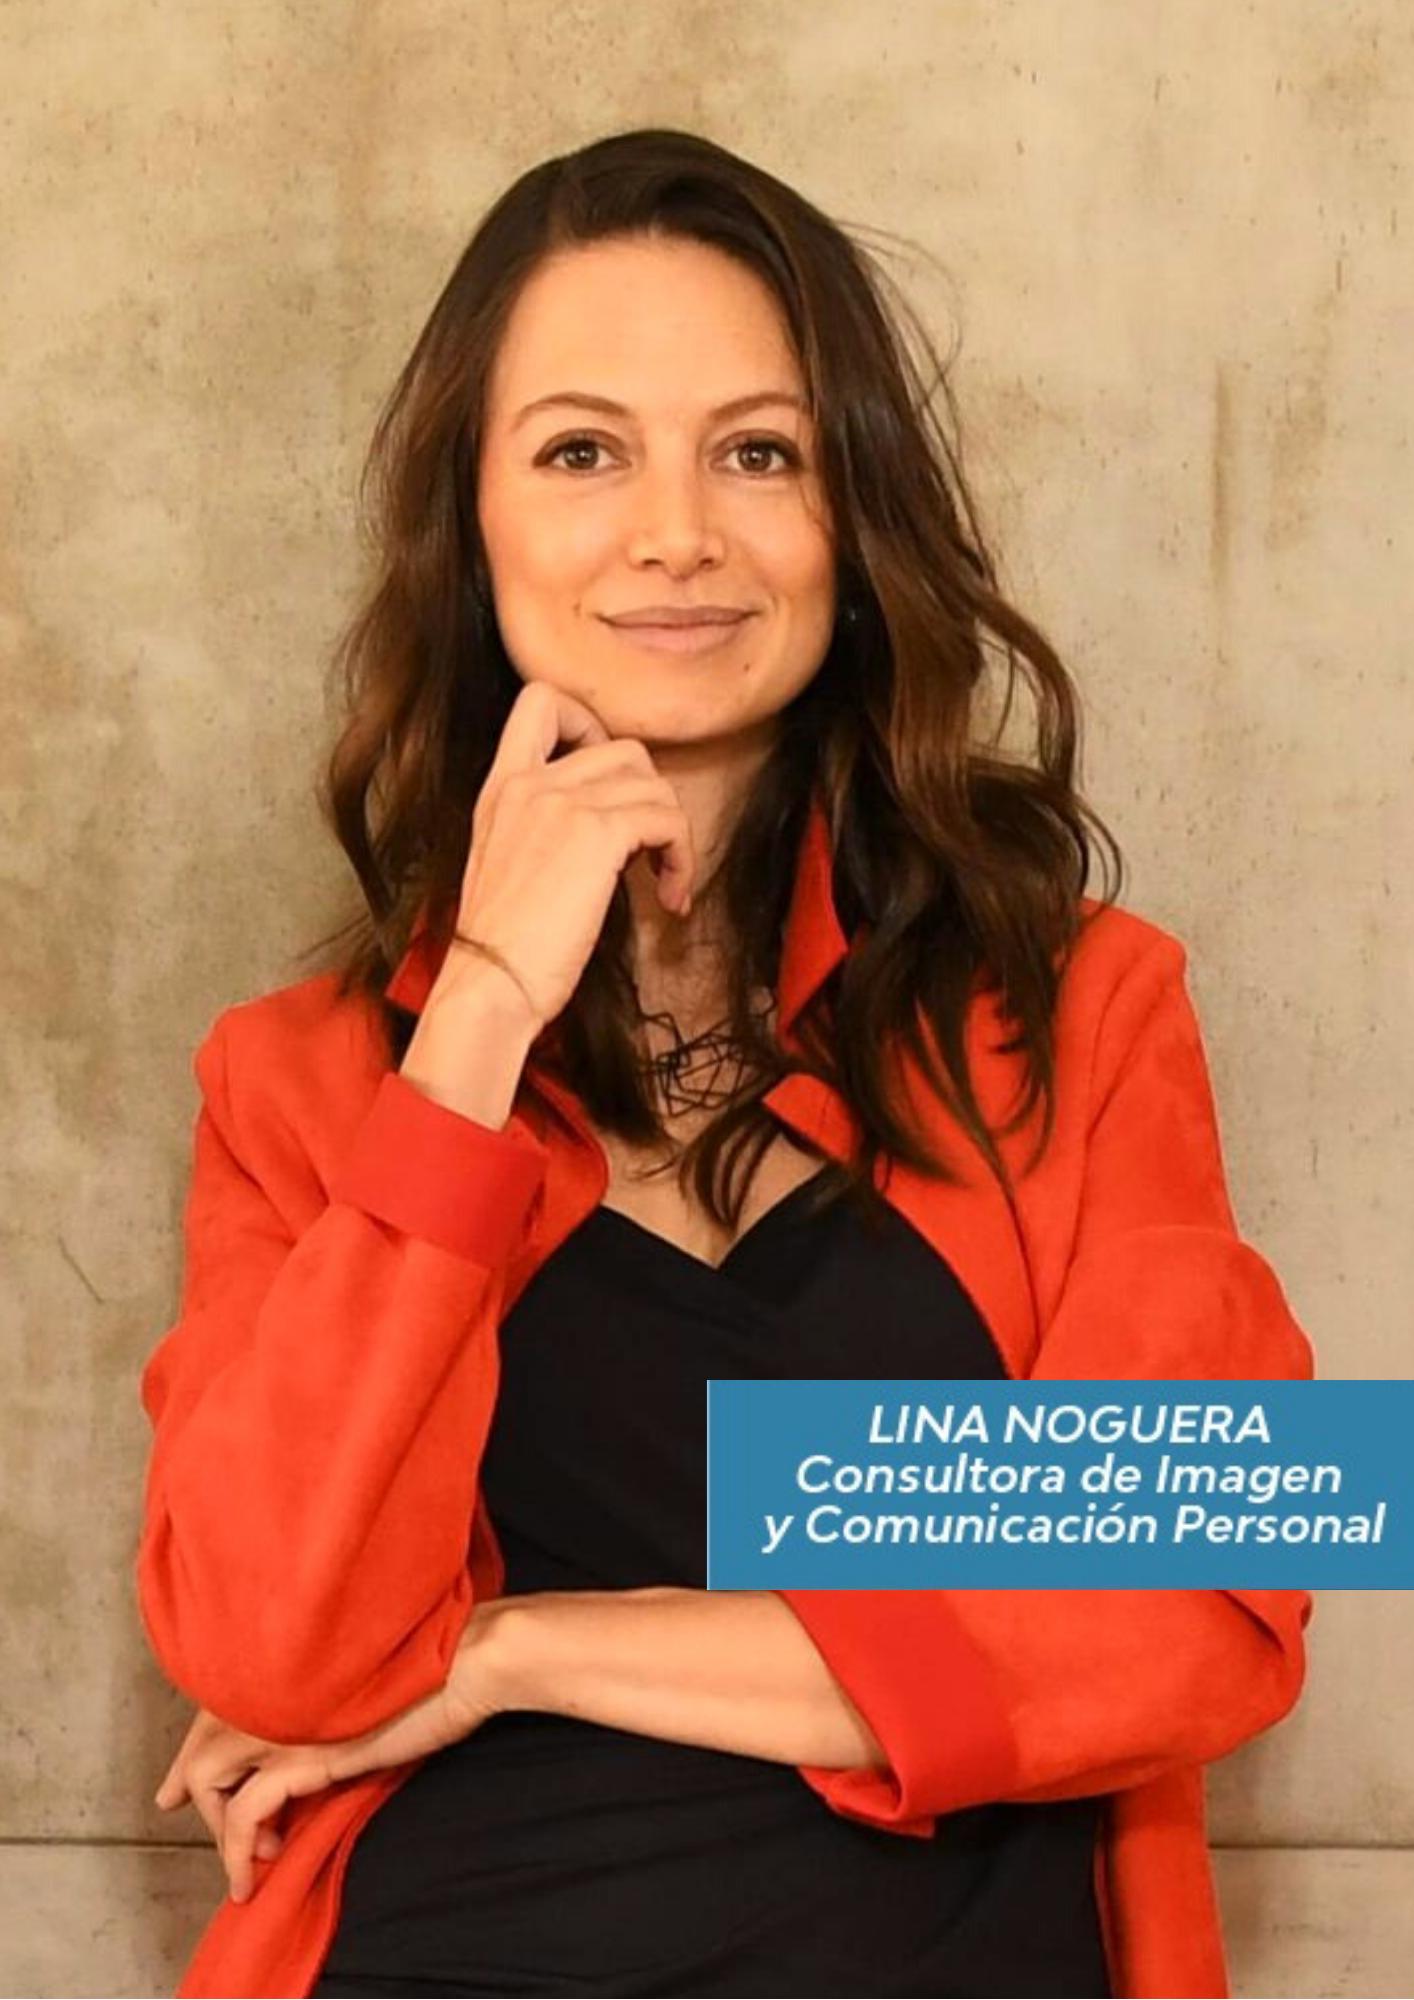 Lina Noguera - etiqueta y protocolo